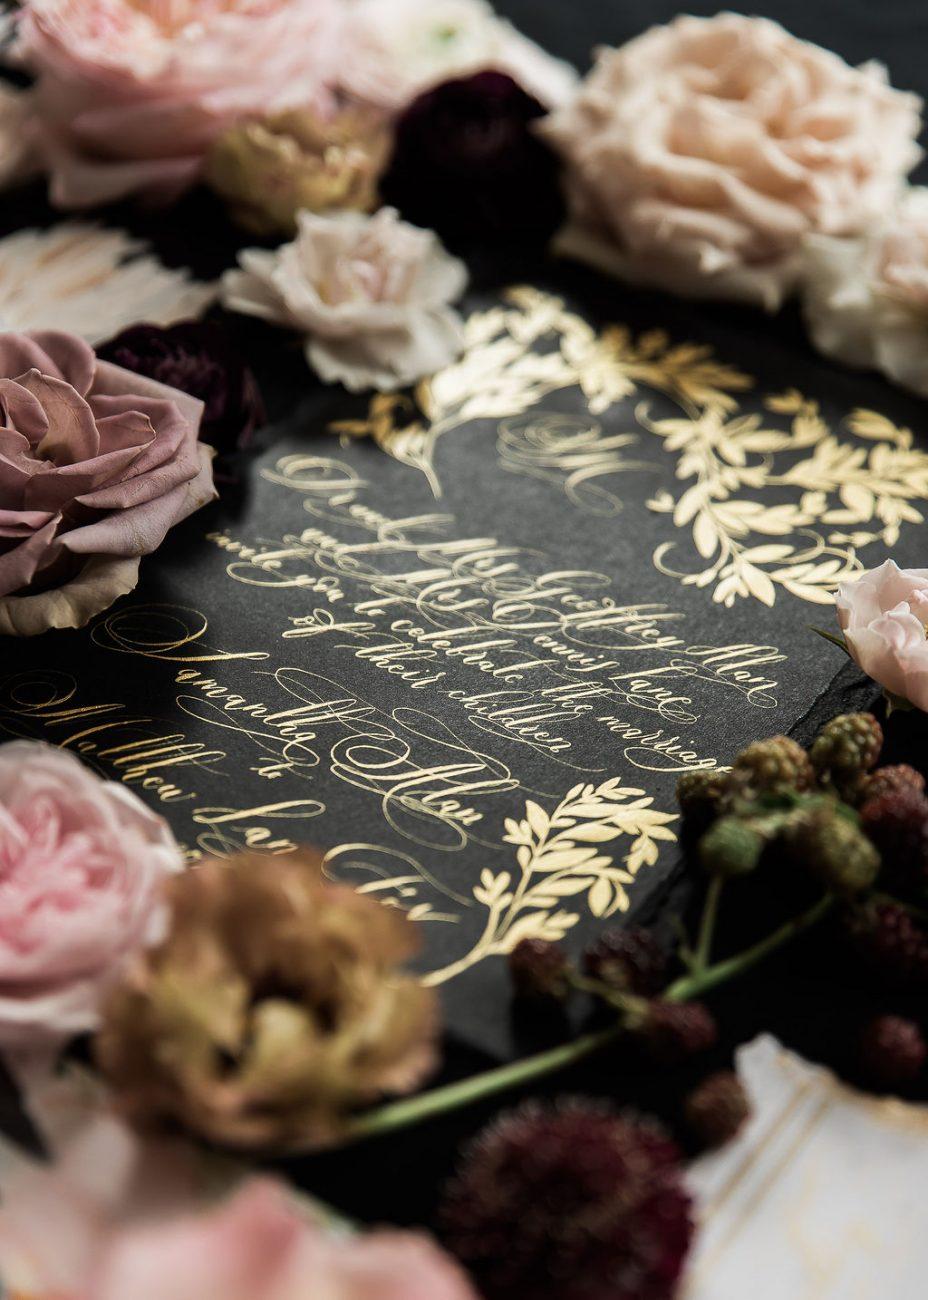 Luxury wedding invites with fine art wedding calligraphy, perfect for an Italian wedding on the Amalfi Coast